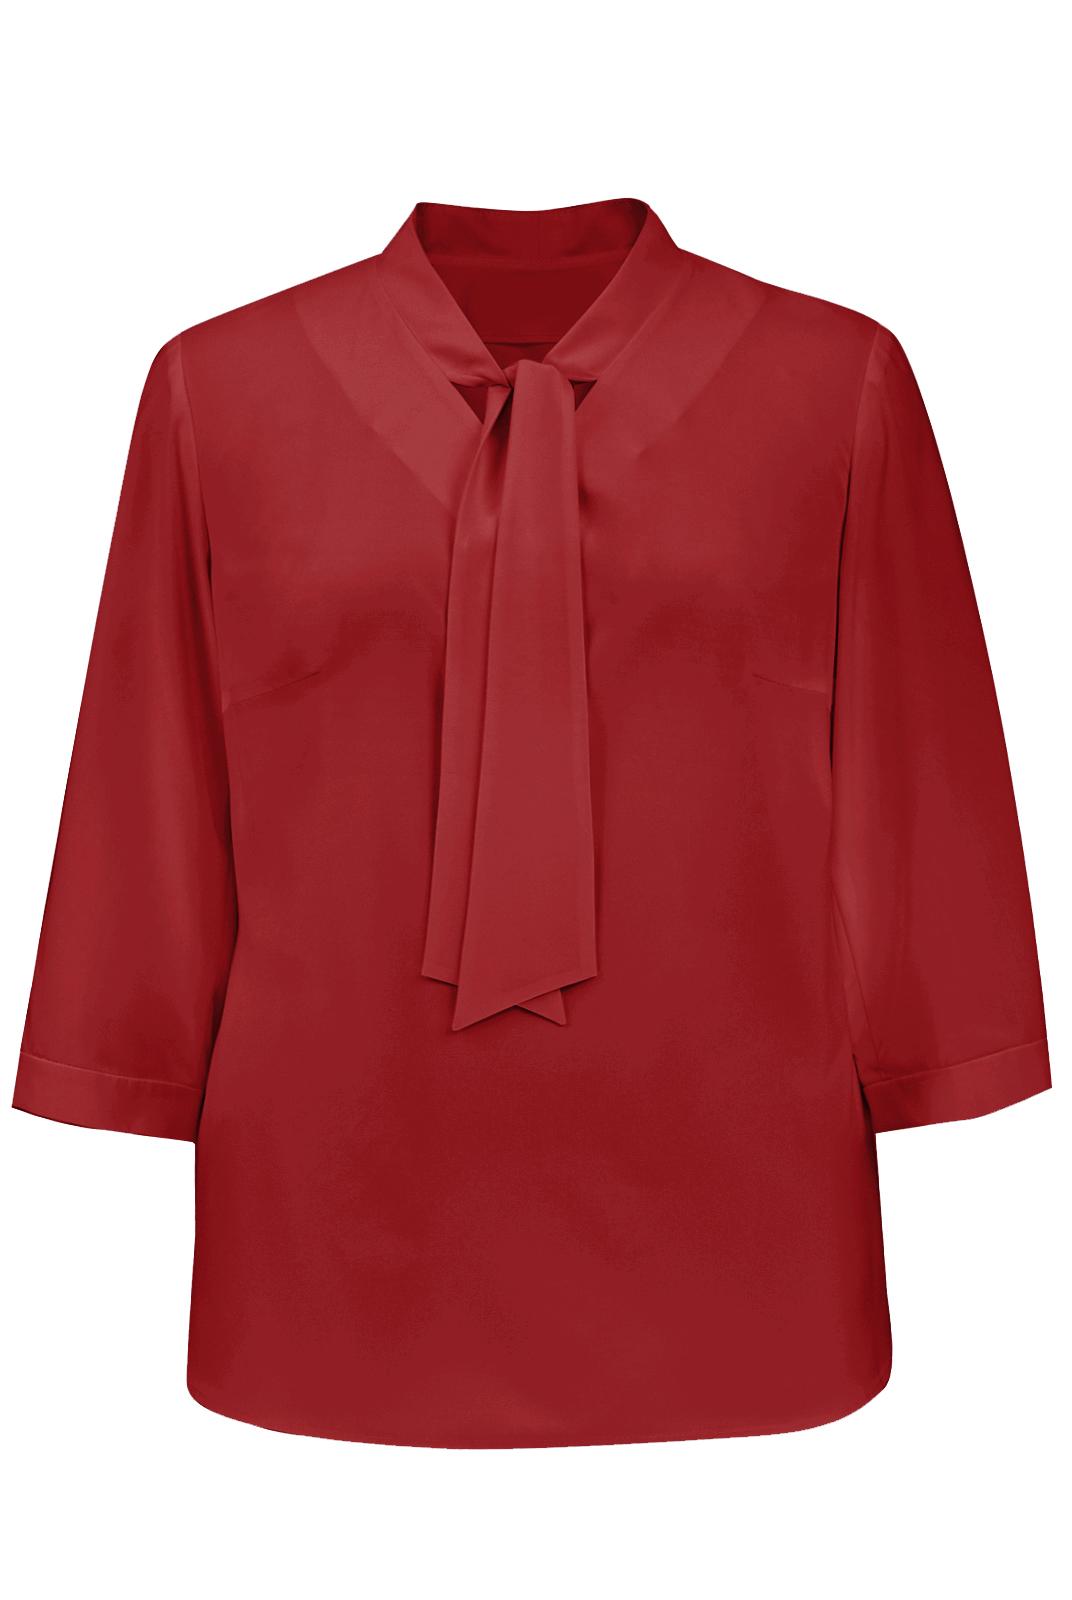 Женская блузка купить интернет магазин